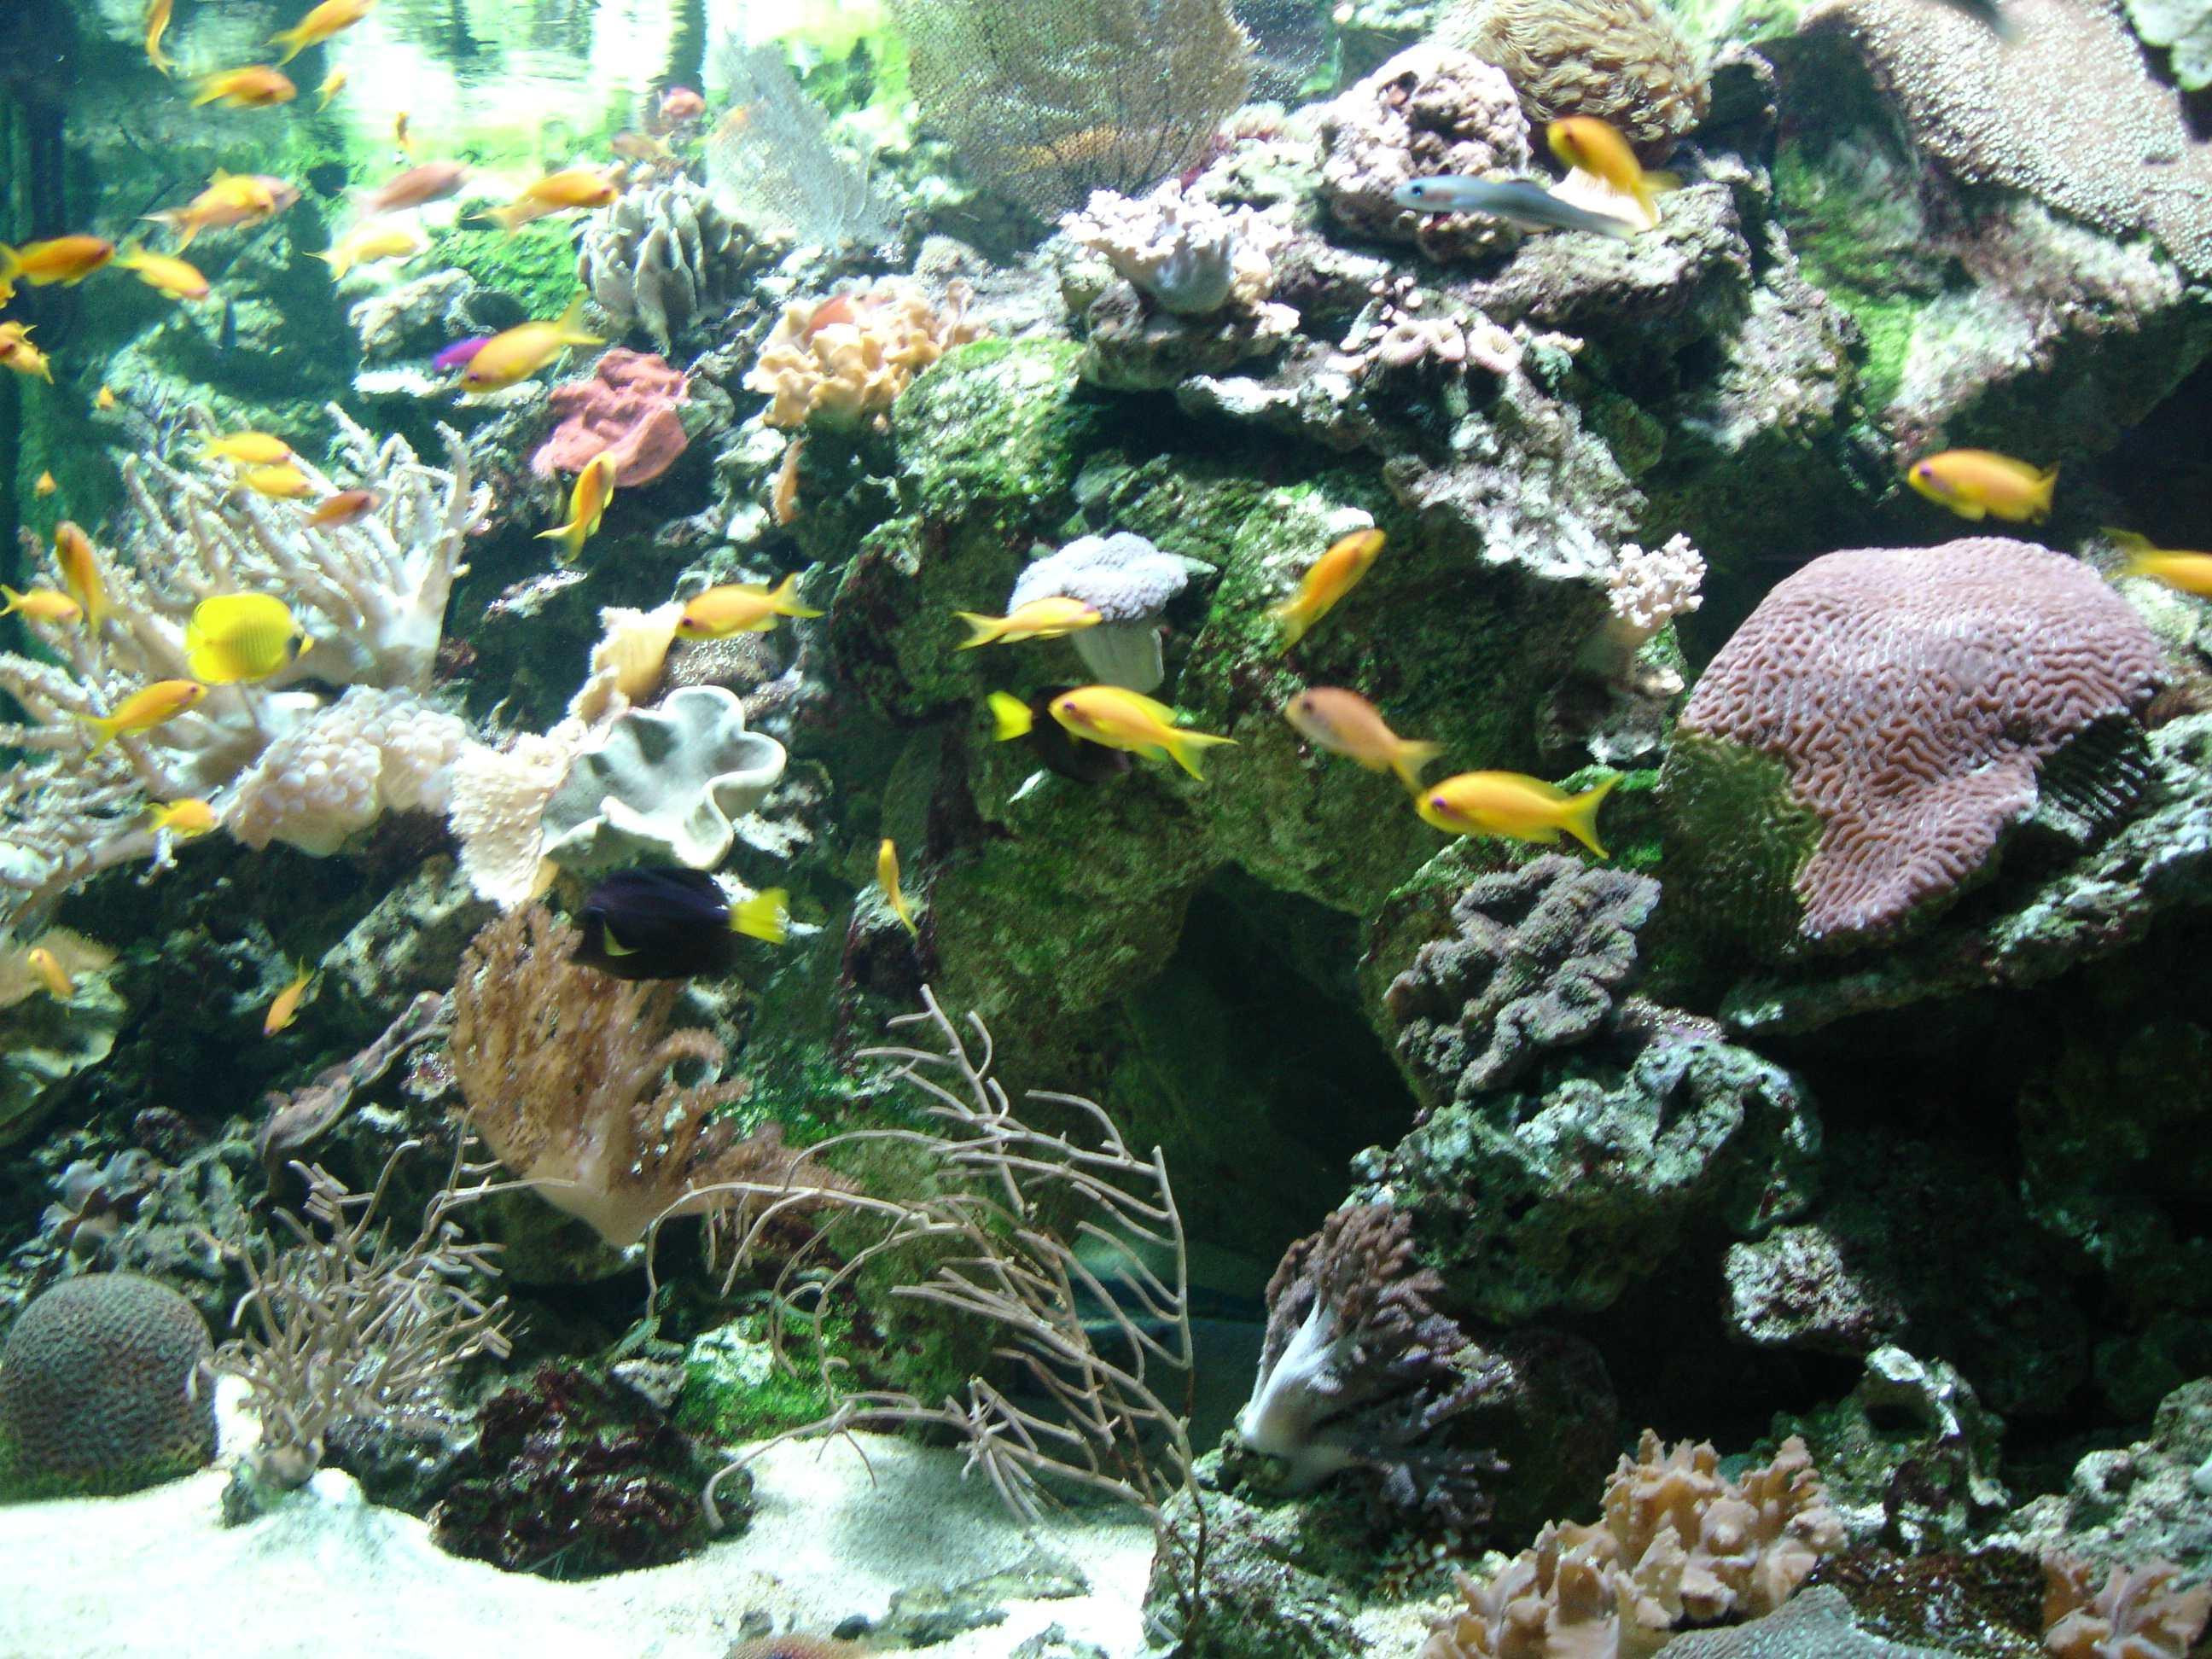 acquario con vari pesciolini